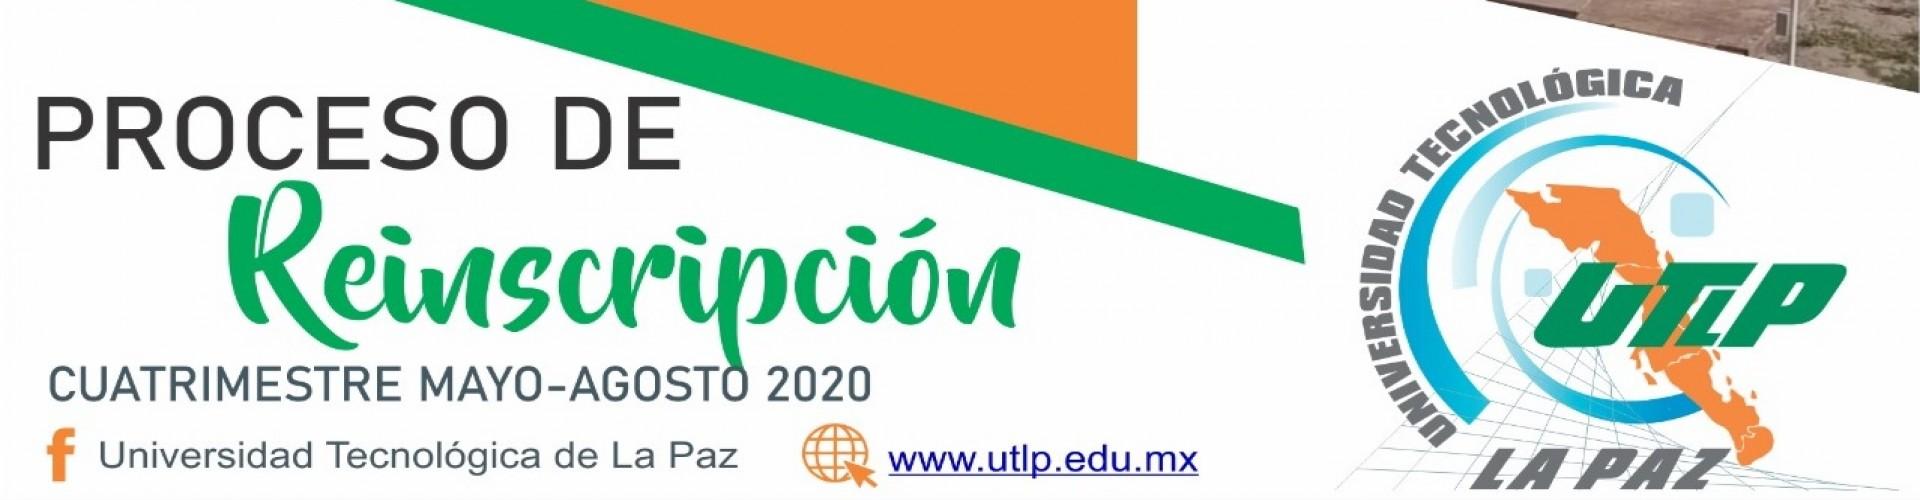 Proceso de re inscripción al cuatrimestre Mayo-Agosto 2020